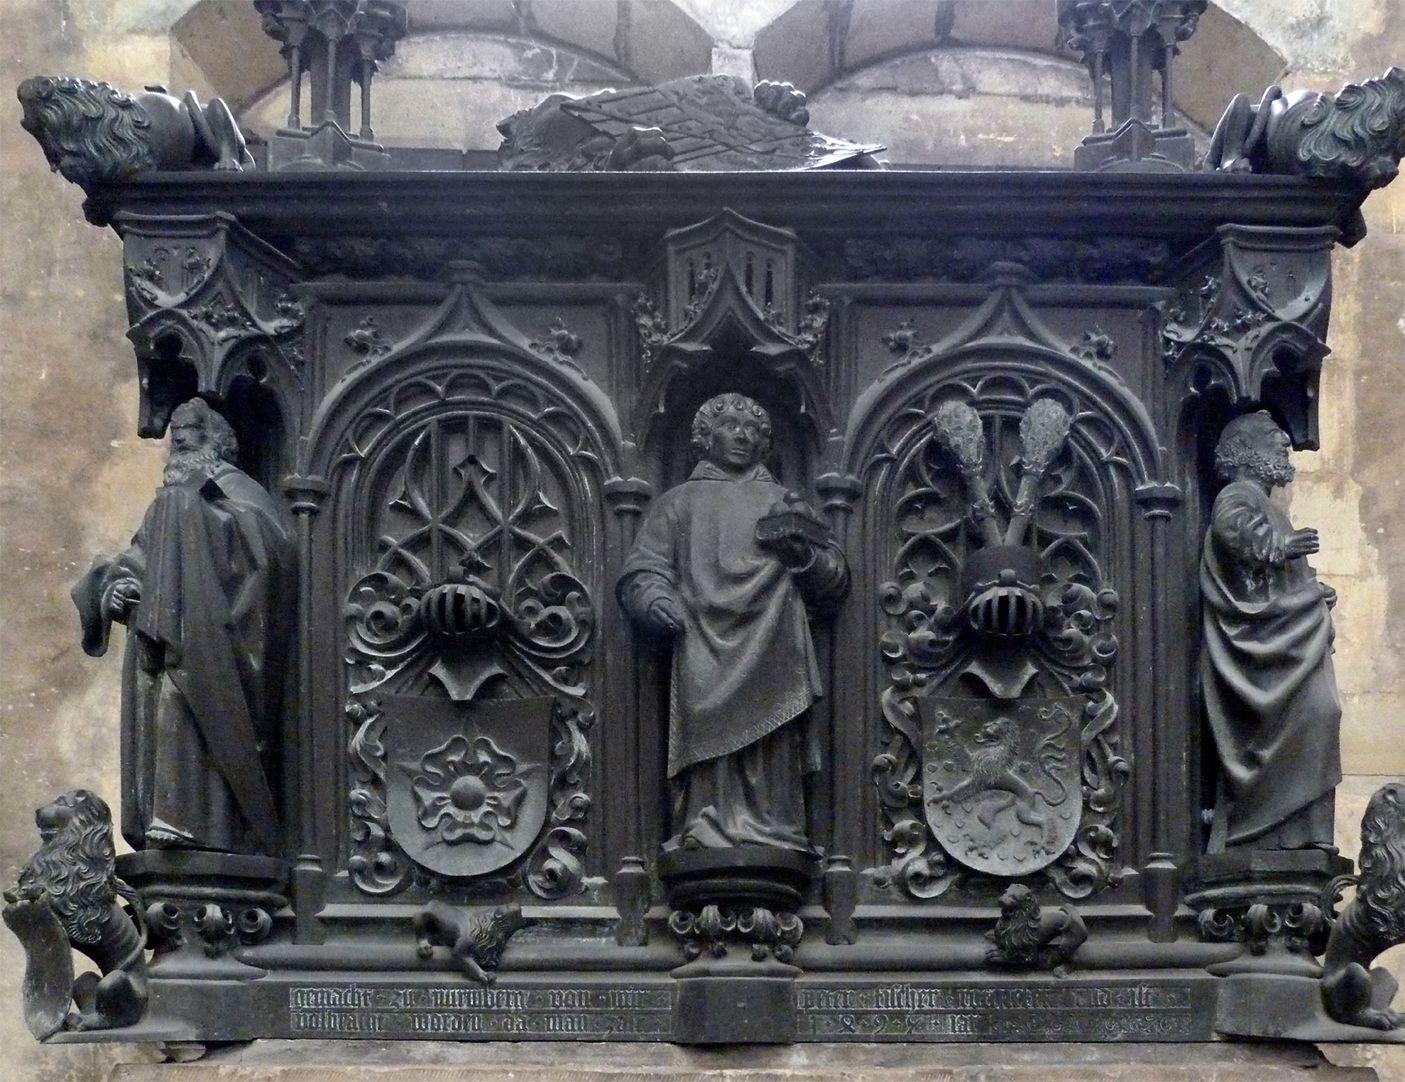 Tumba des Erzbischofs Ernst von Sachsen Tumba, Ostfront, in der Mitte Stephanus